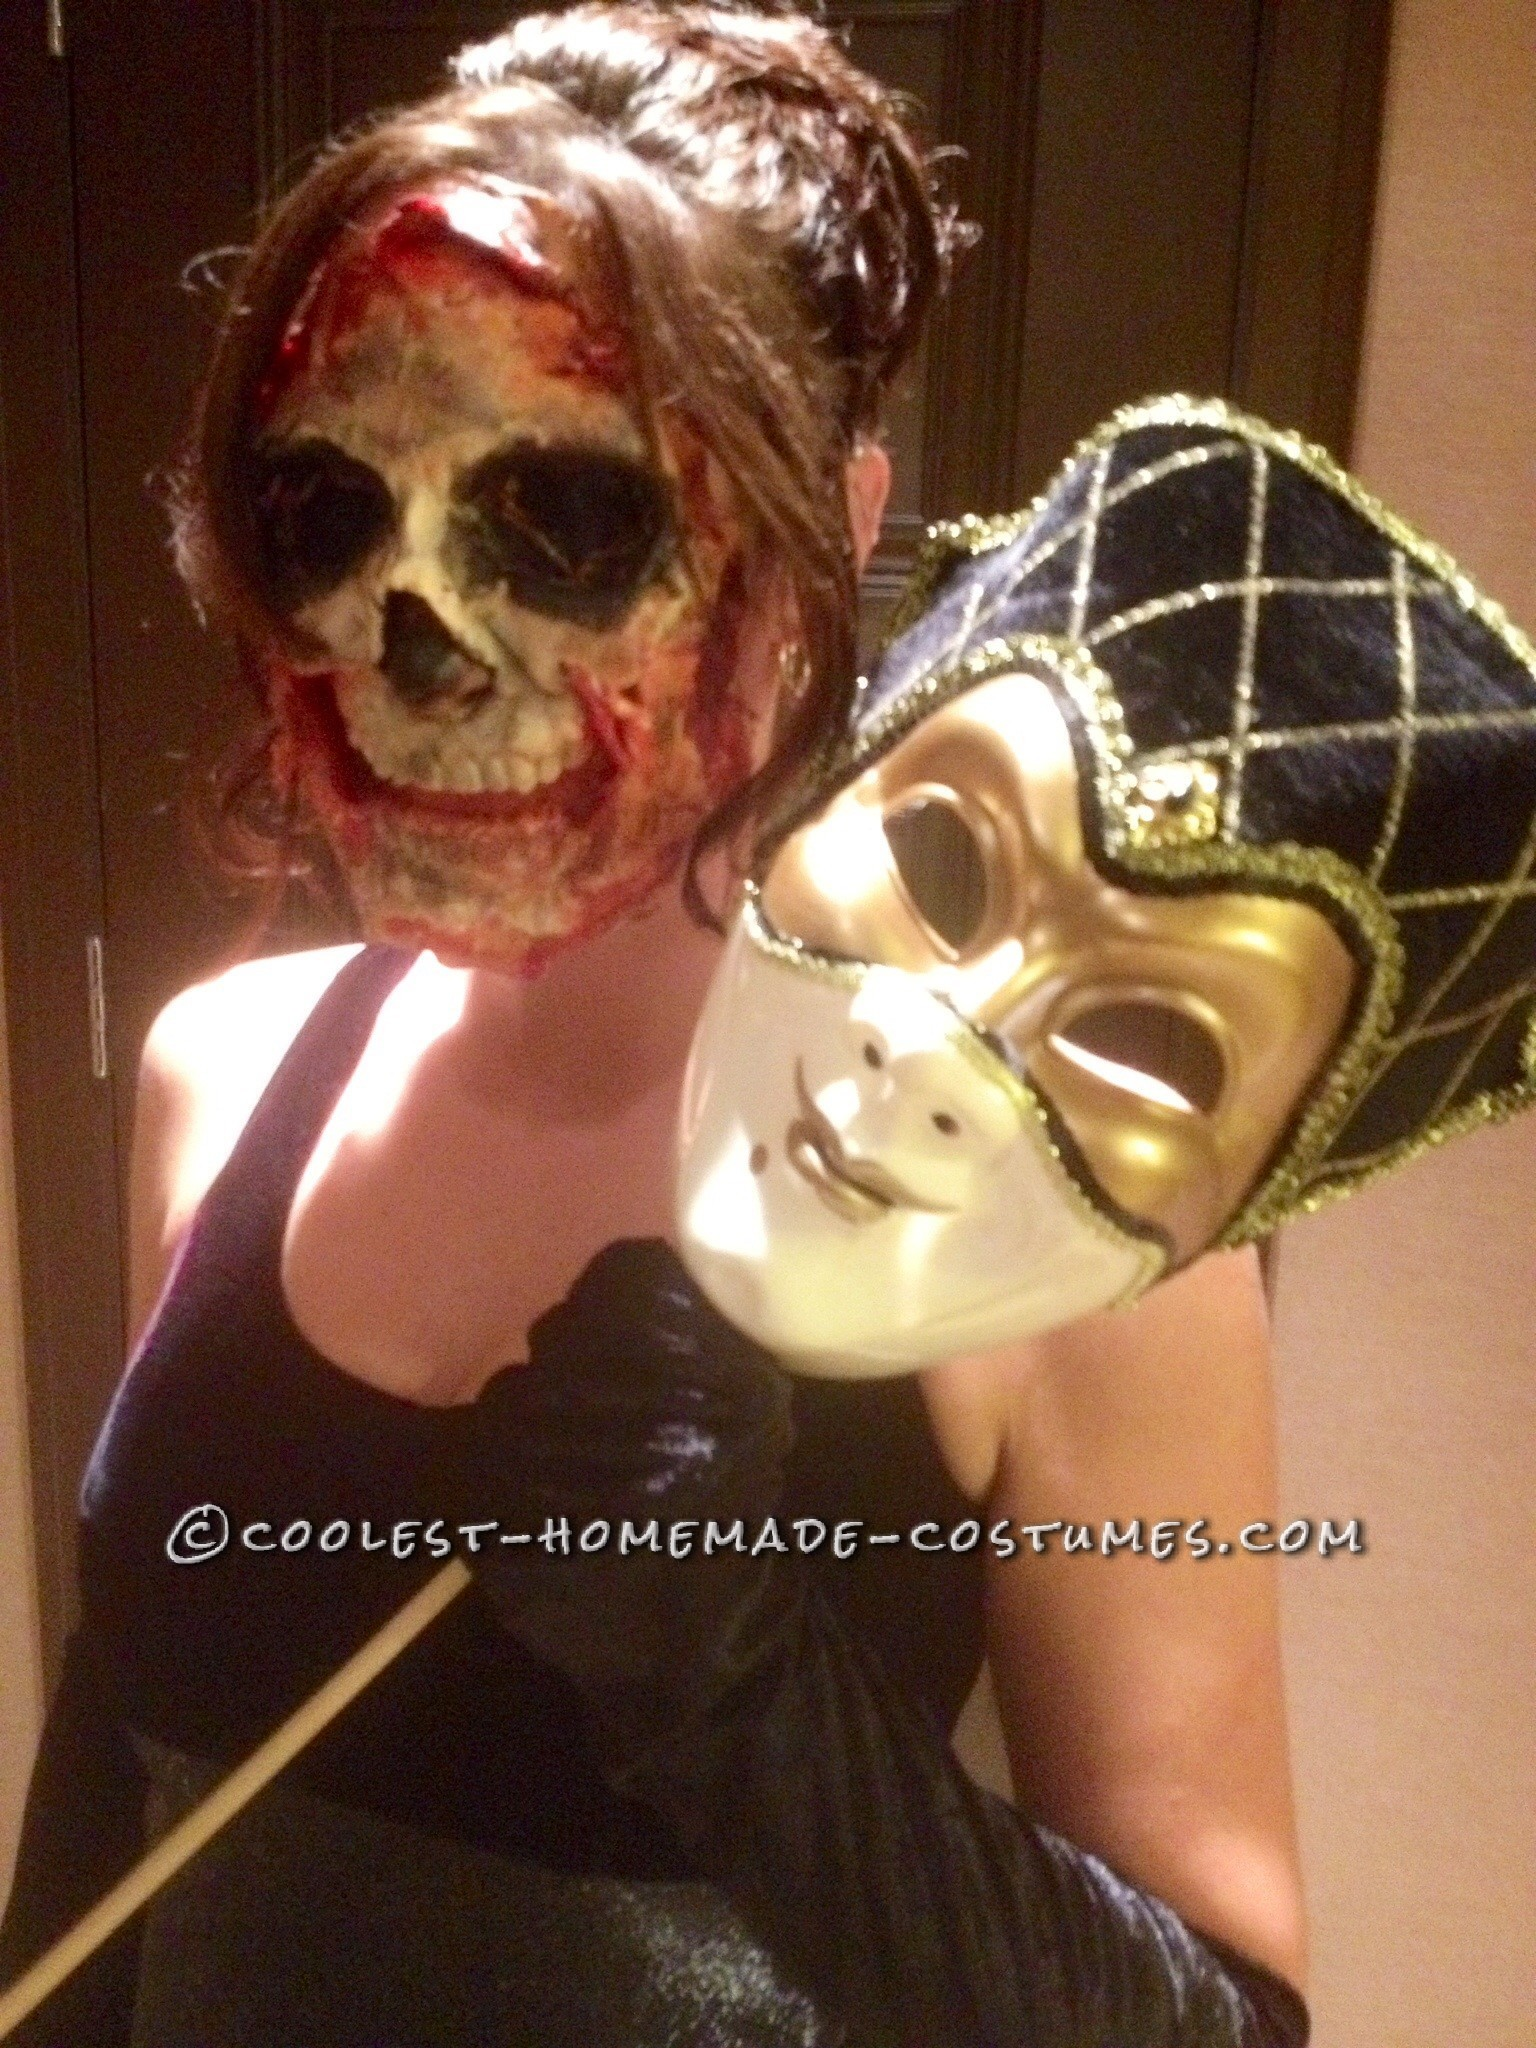 Creepy Super Scary Masquerade Women's Costume